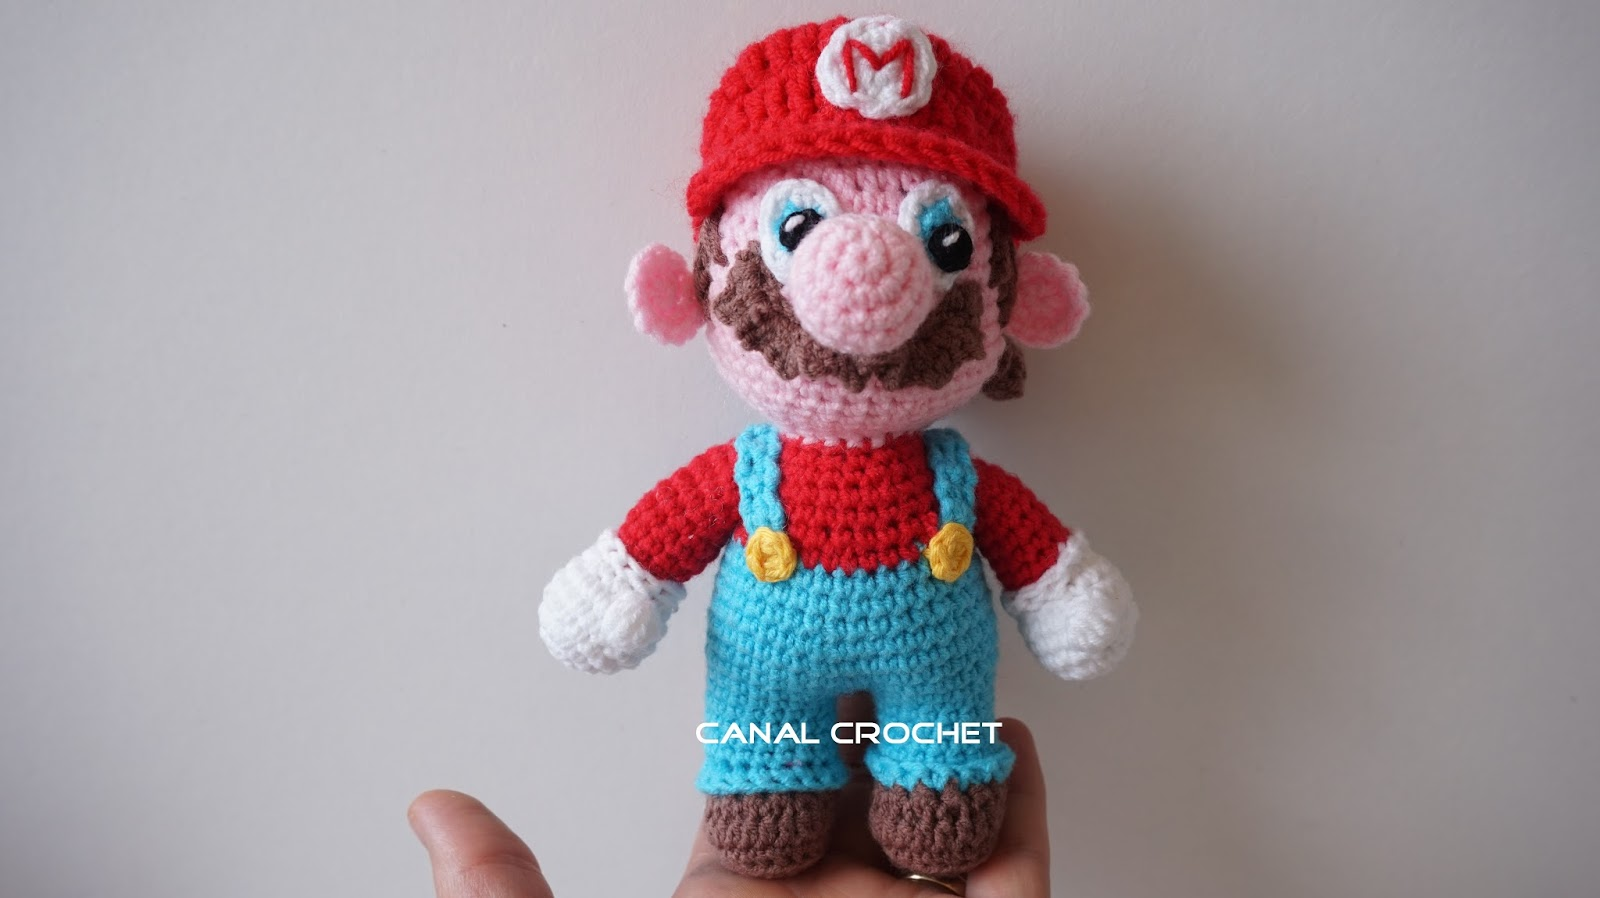 Amigurumi Tutorial Gratis : Canal crochet mario bross amigurumi tutorial